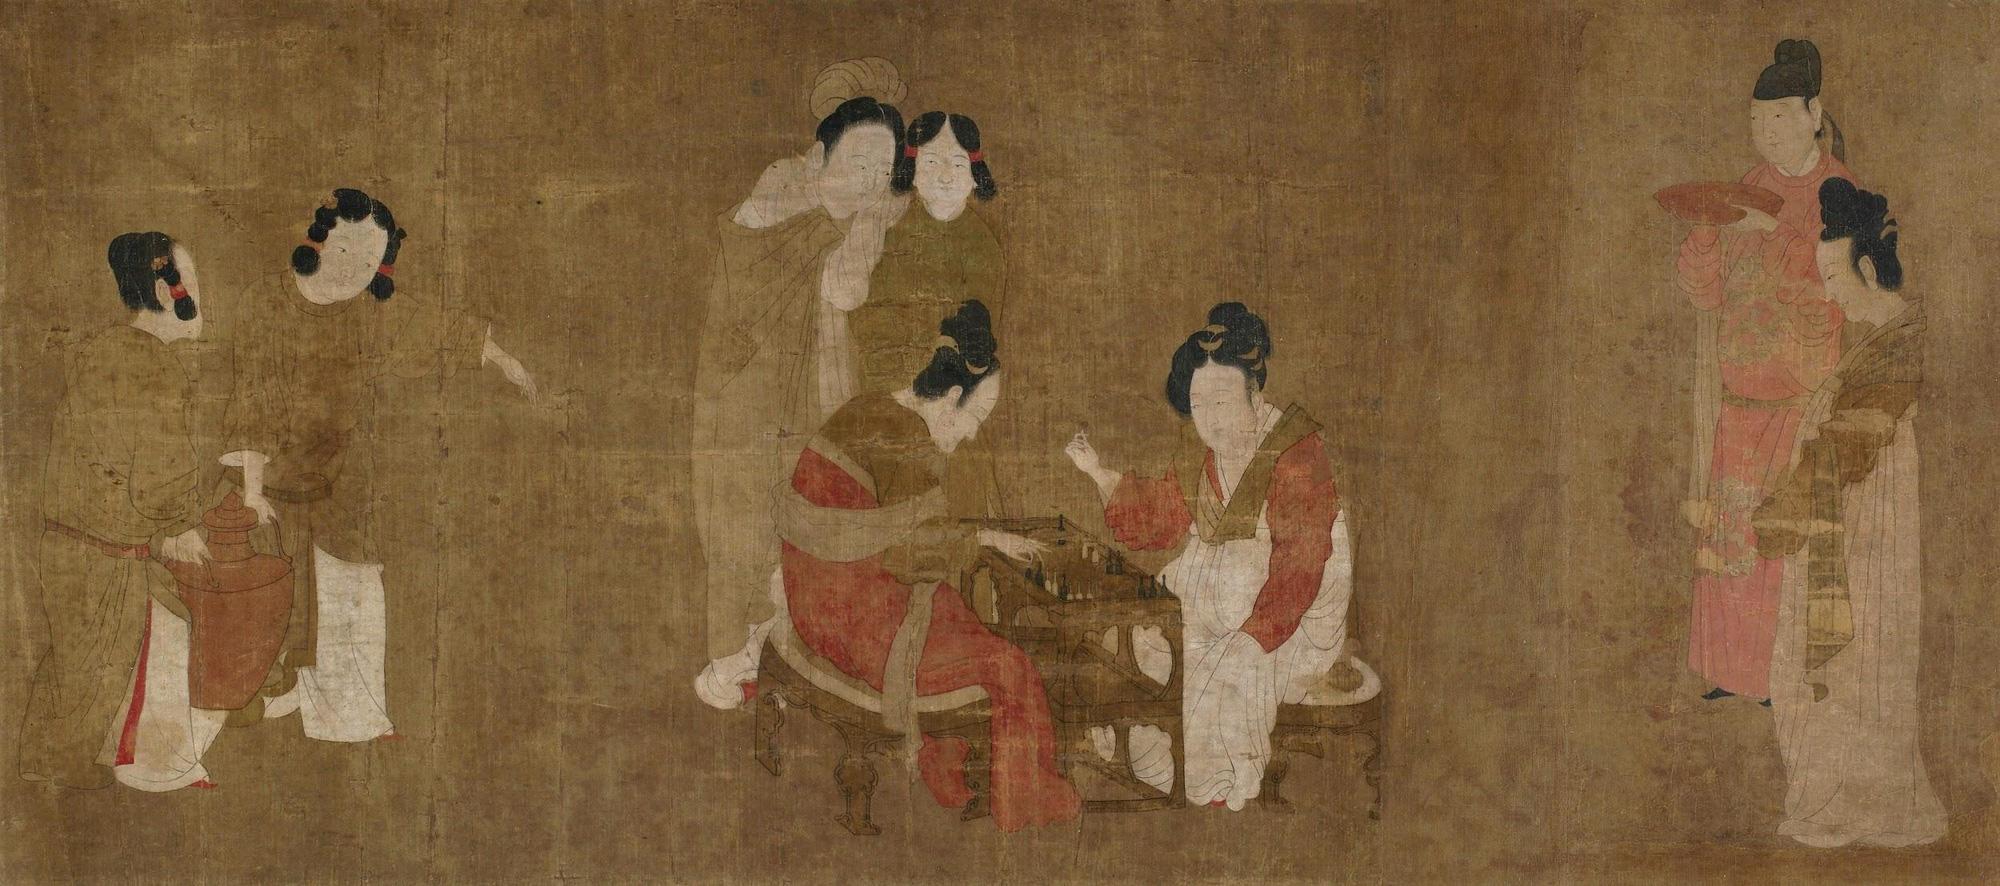 Giải mã thứ bậc xã hội qua trang phục trong Đại Đường Minh Nguyệt - Ảnh 2.